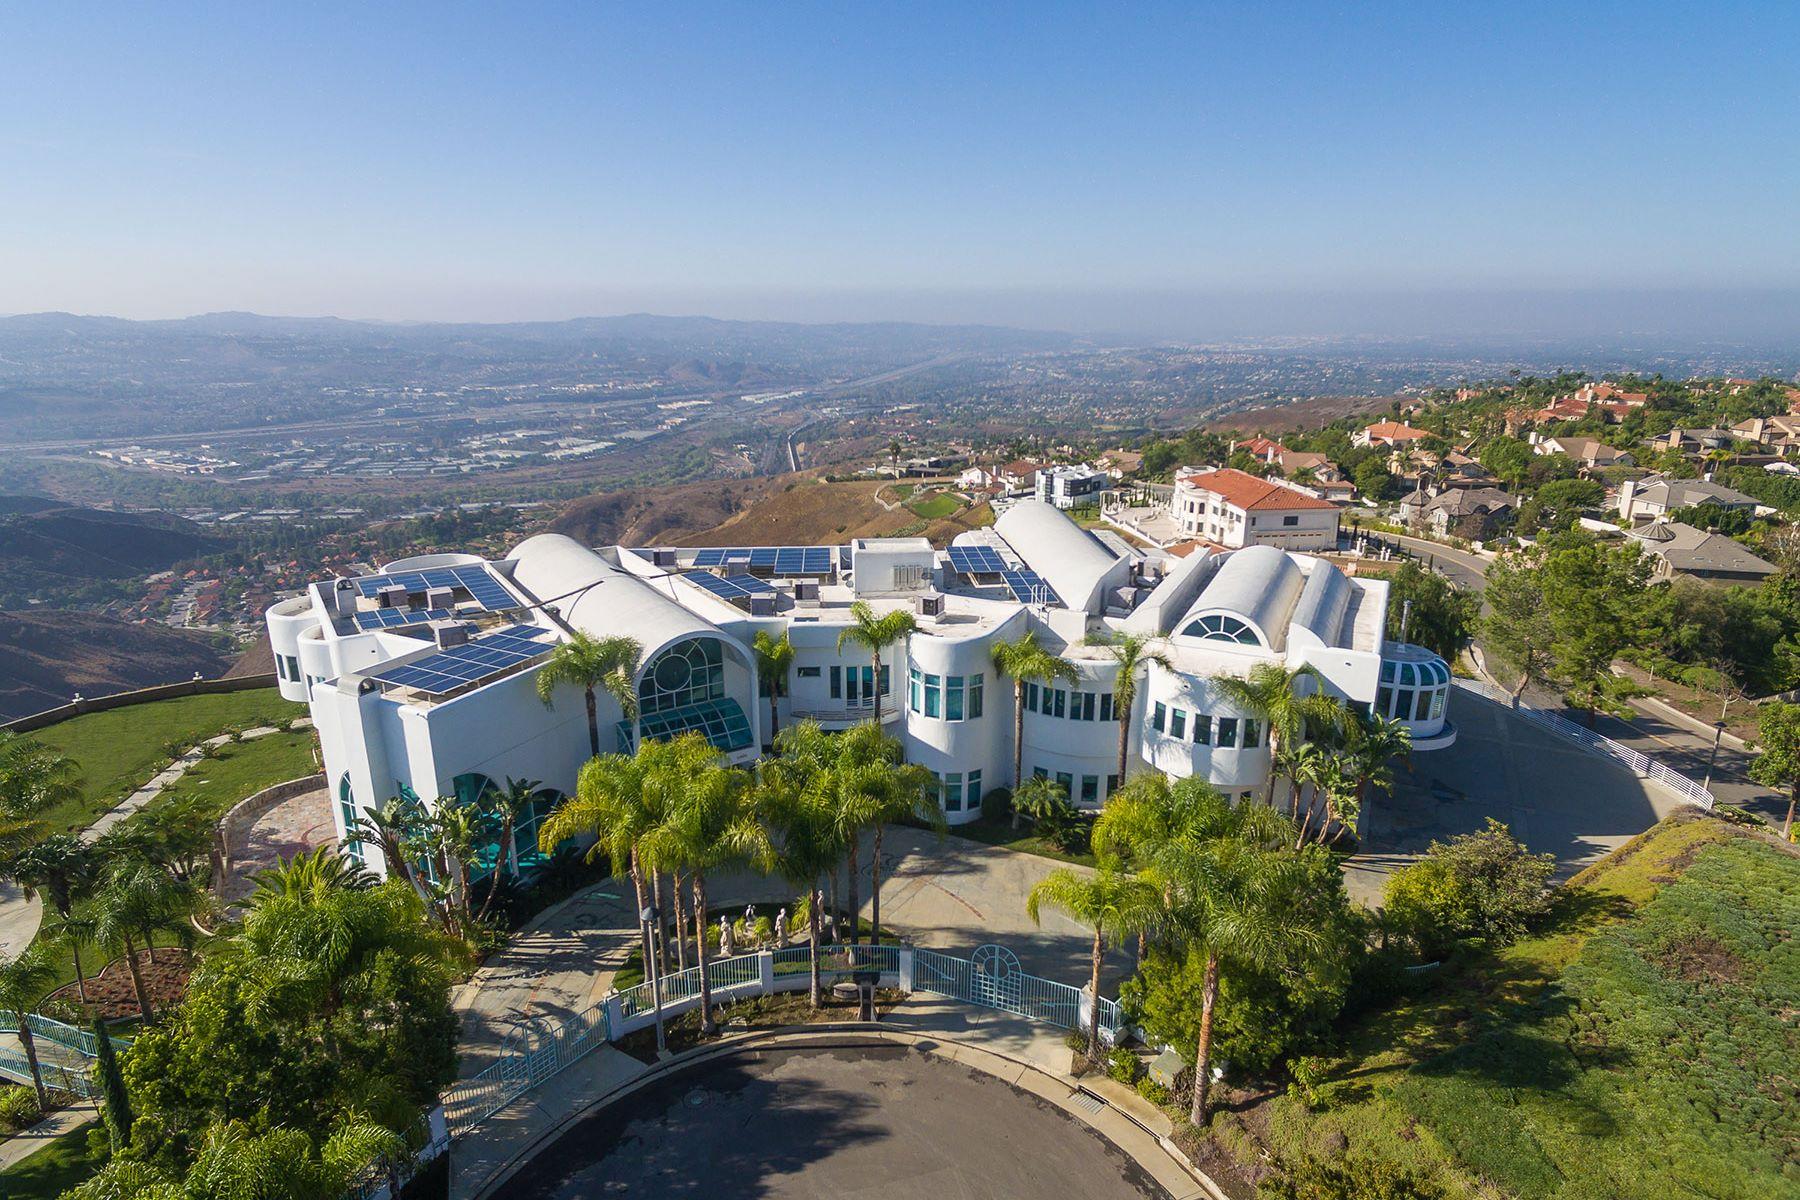 独户住宅 为 销售 在 5005 Hidden Glen 约巴林达, 加利福尼亚州, 92887 美国